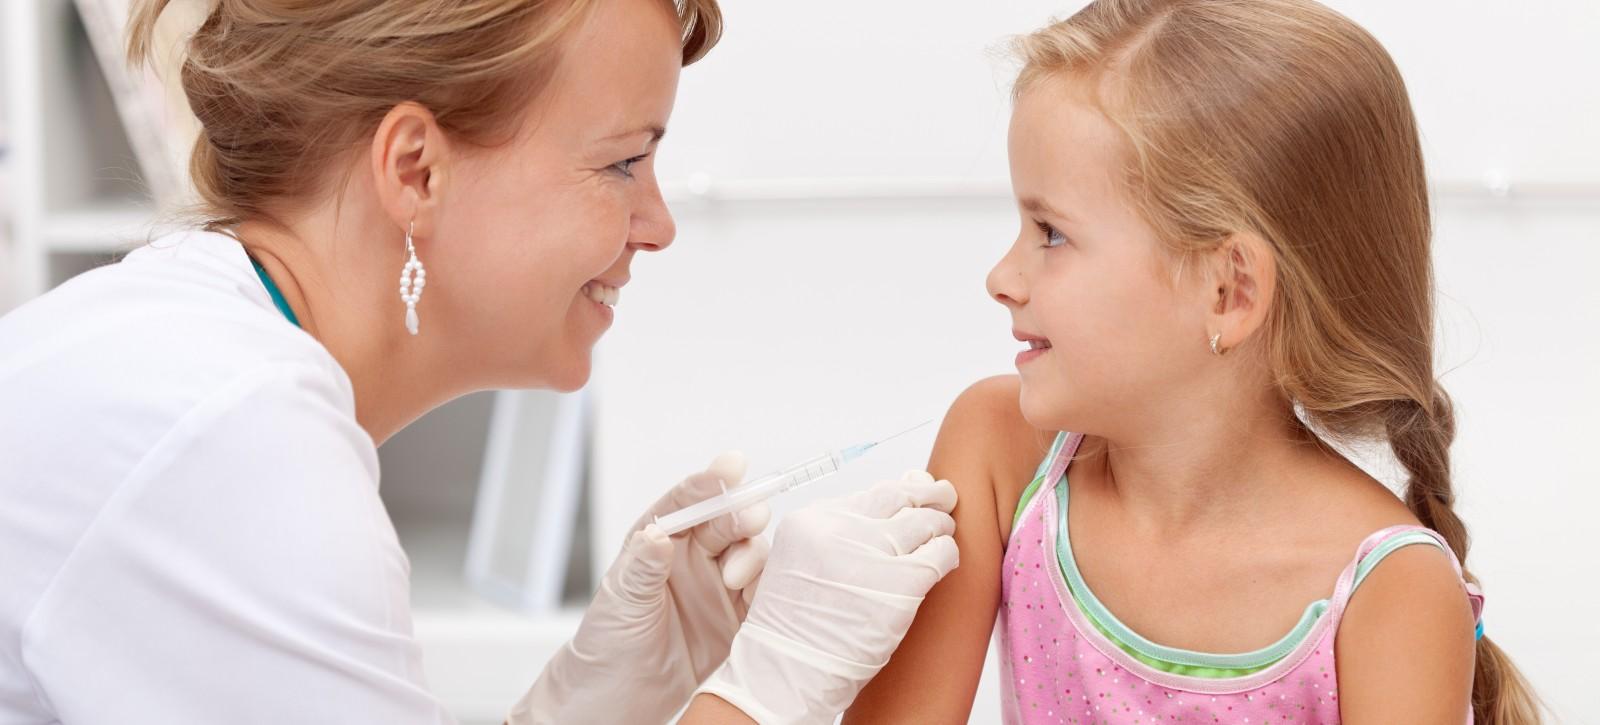 პაპილომავირუსის საწინააღმდეგო უფასო ვაქცინაცია